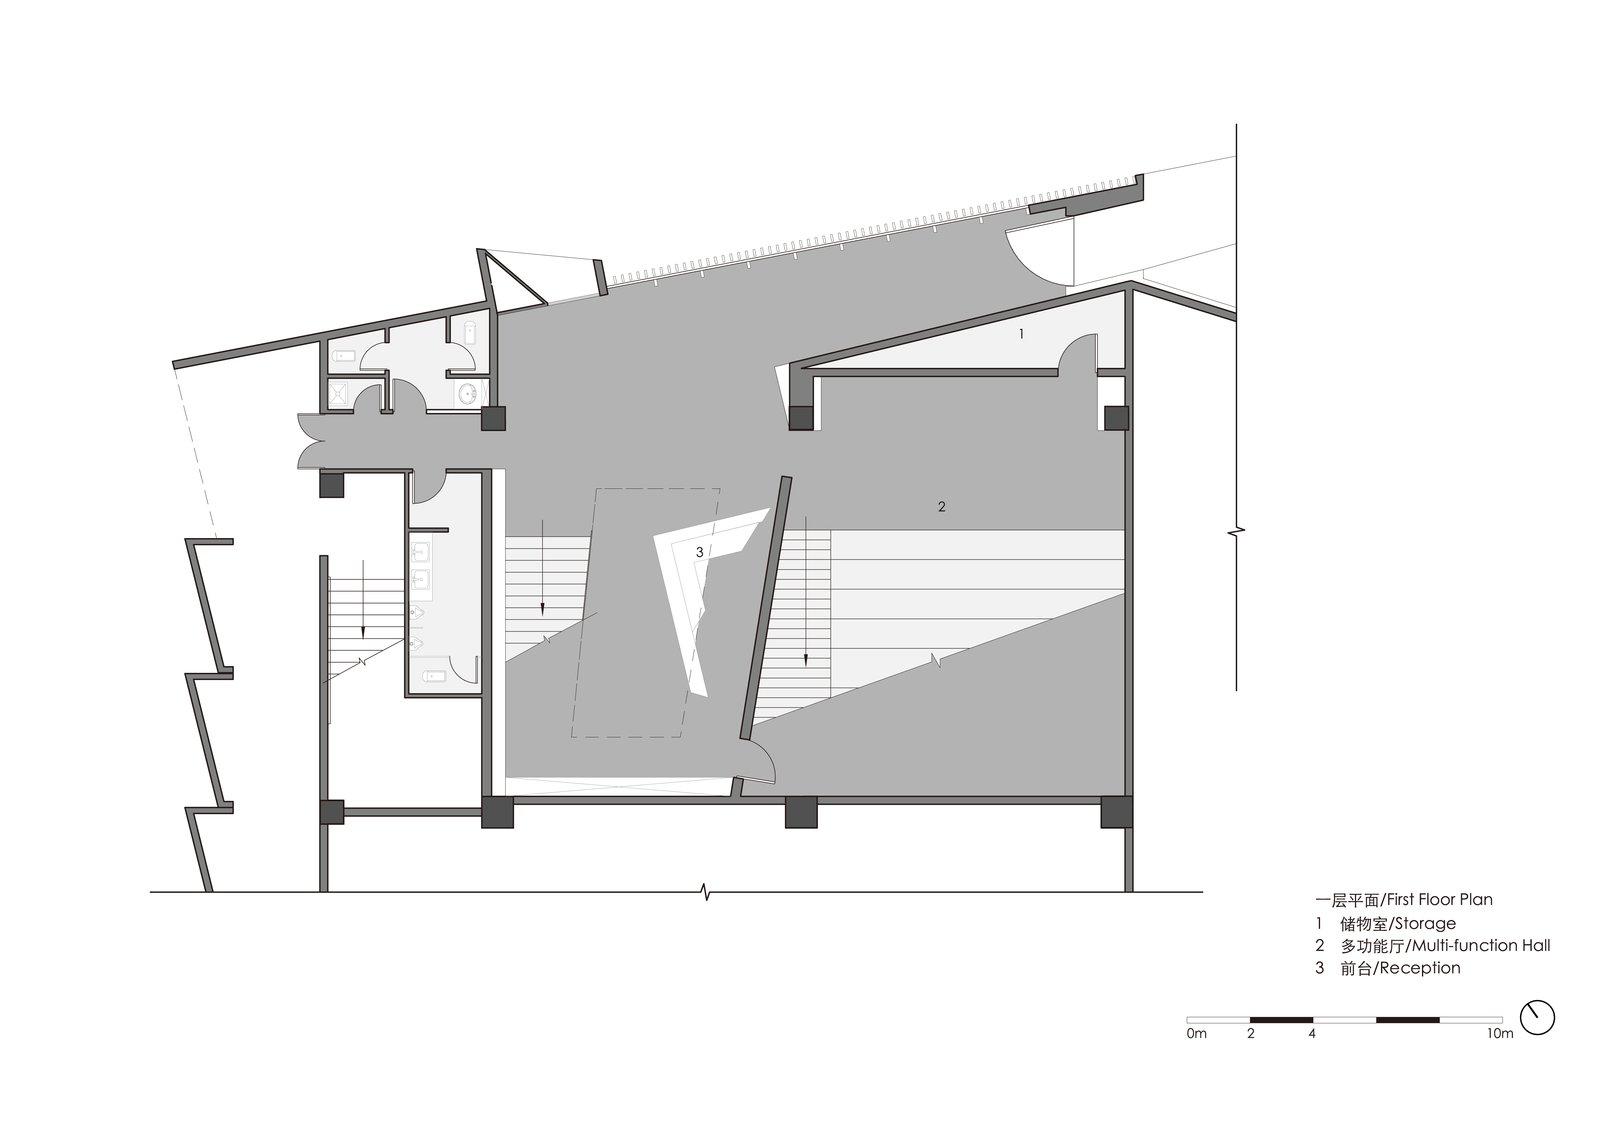 First floor plan  ZHI ART MUSEUM